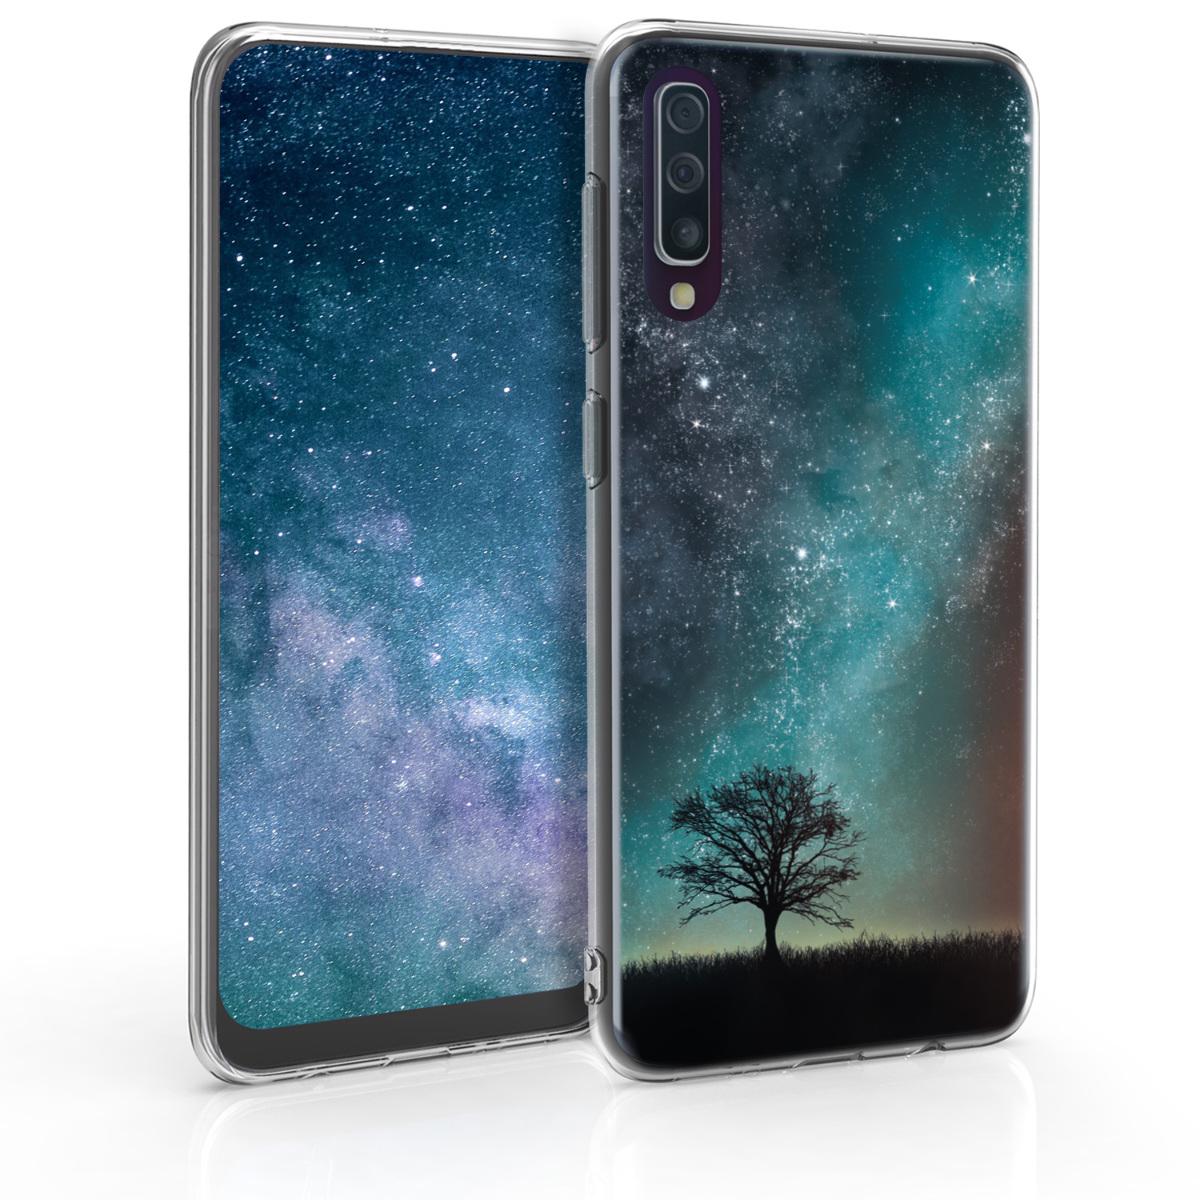 KW Θήκη Σιλικόνης Samsung Galaxy A50 - Blue / Grey / Black (48061.04)